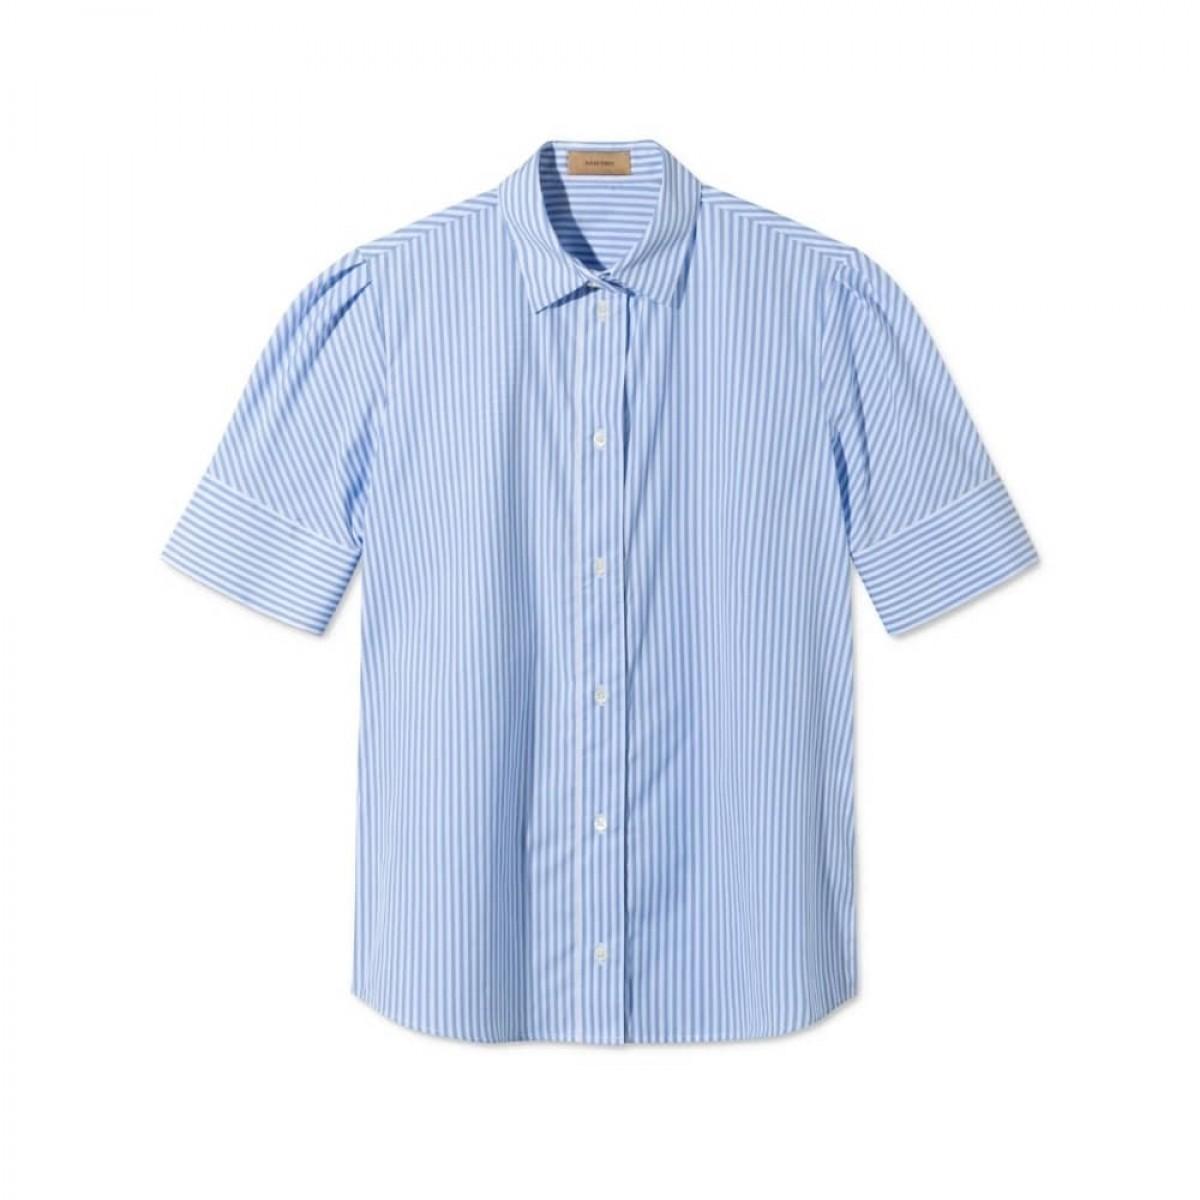 silje kort ærmet skjorte - light blue/white stripe